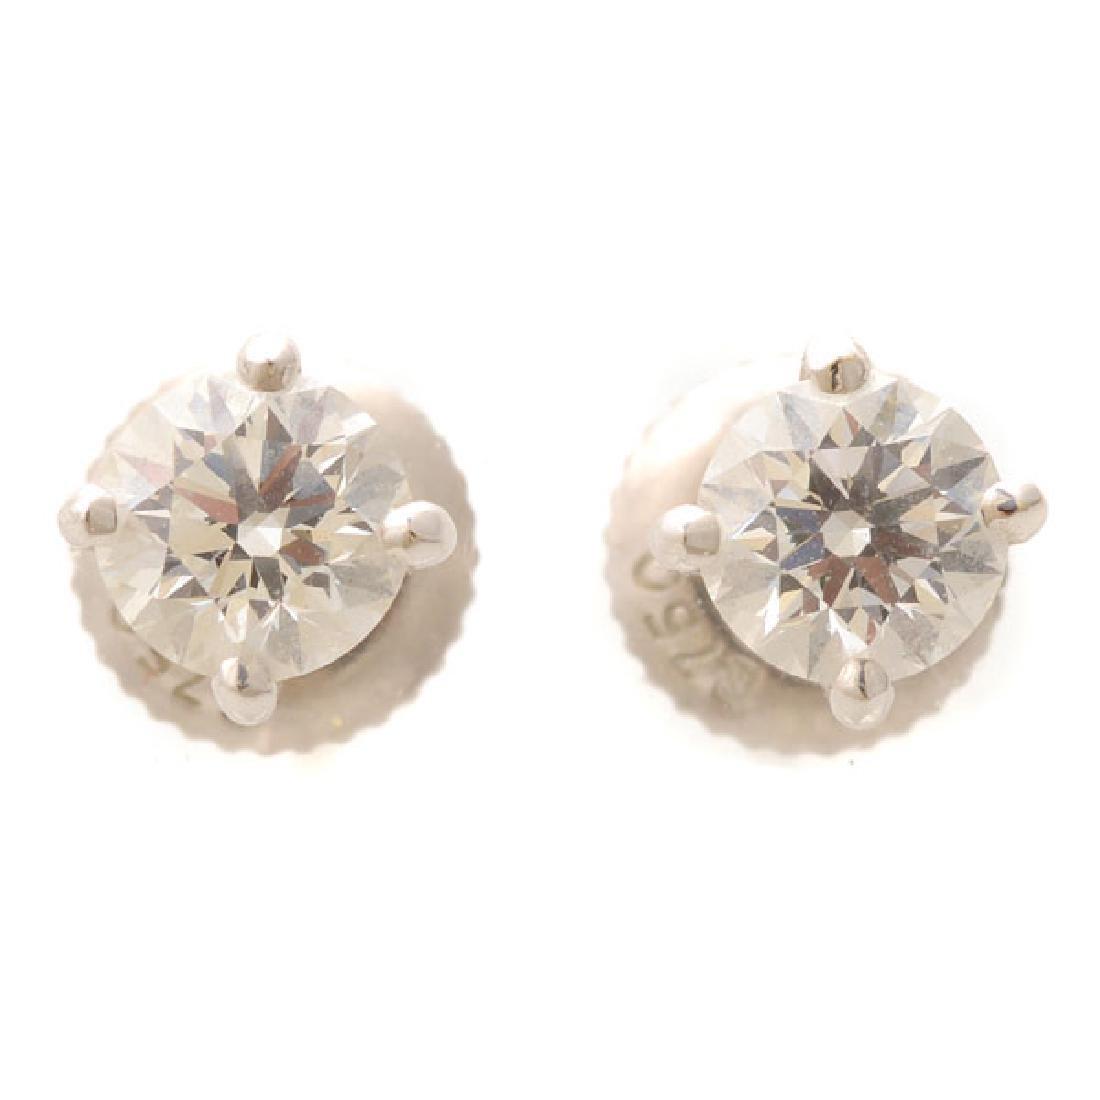 Pair of Diamond, 18k White Gold Stud Earrings.